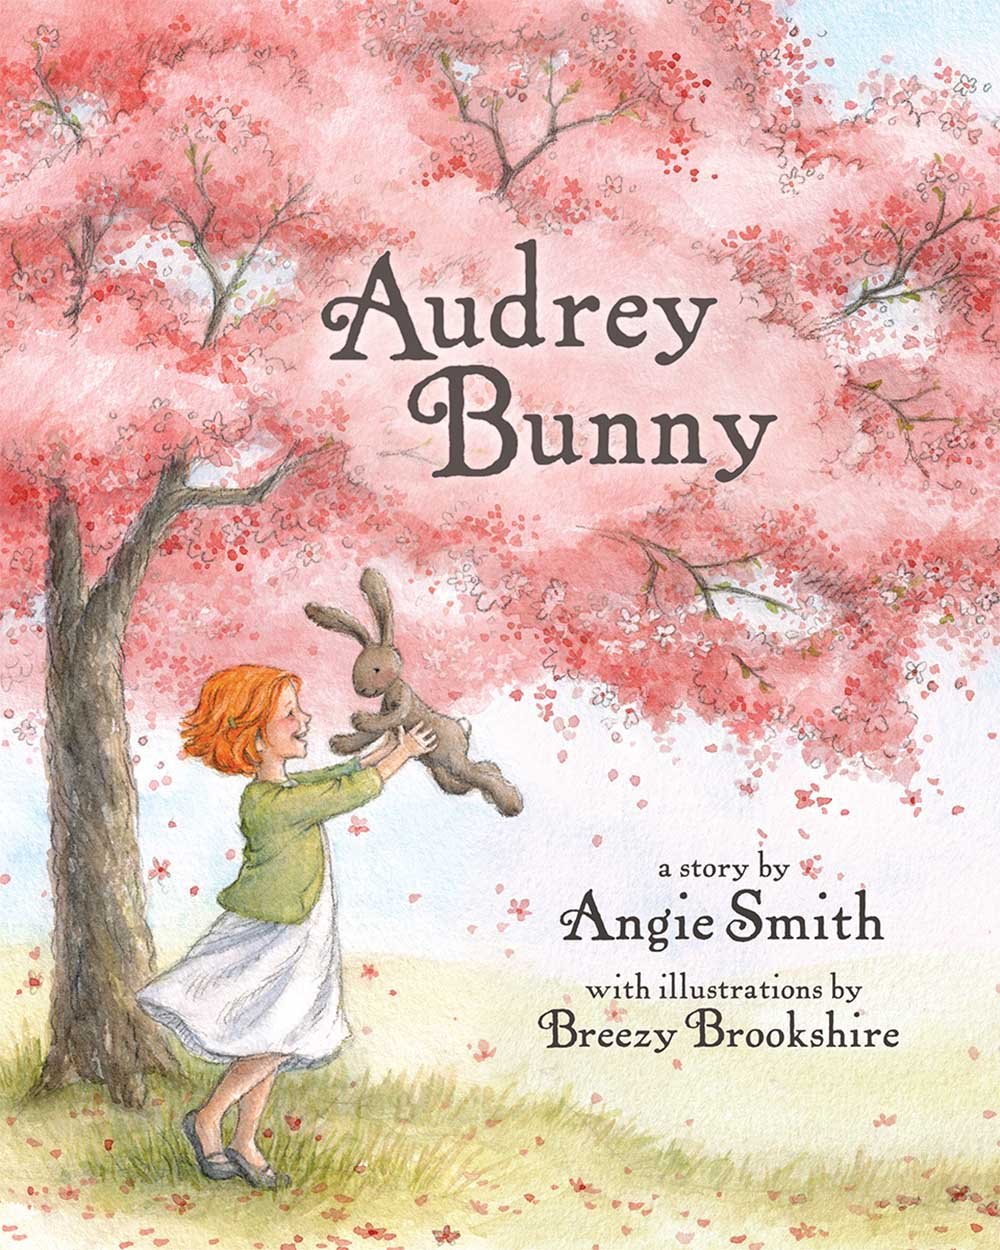 Audrey-Bunny-Angie-Smith-Breezy-Brookshire